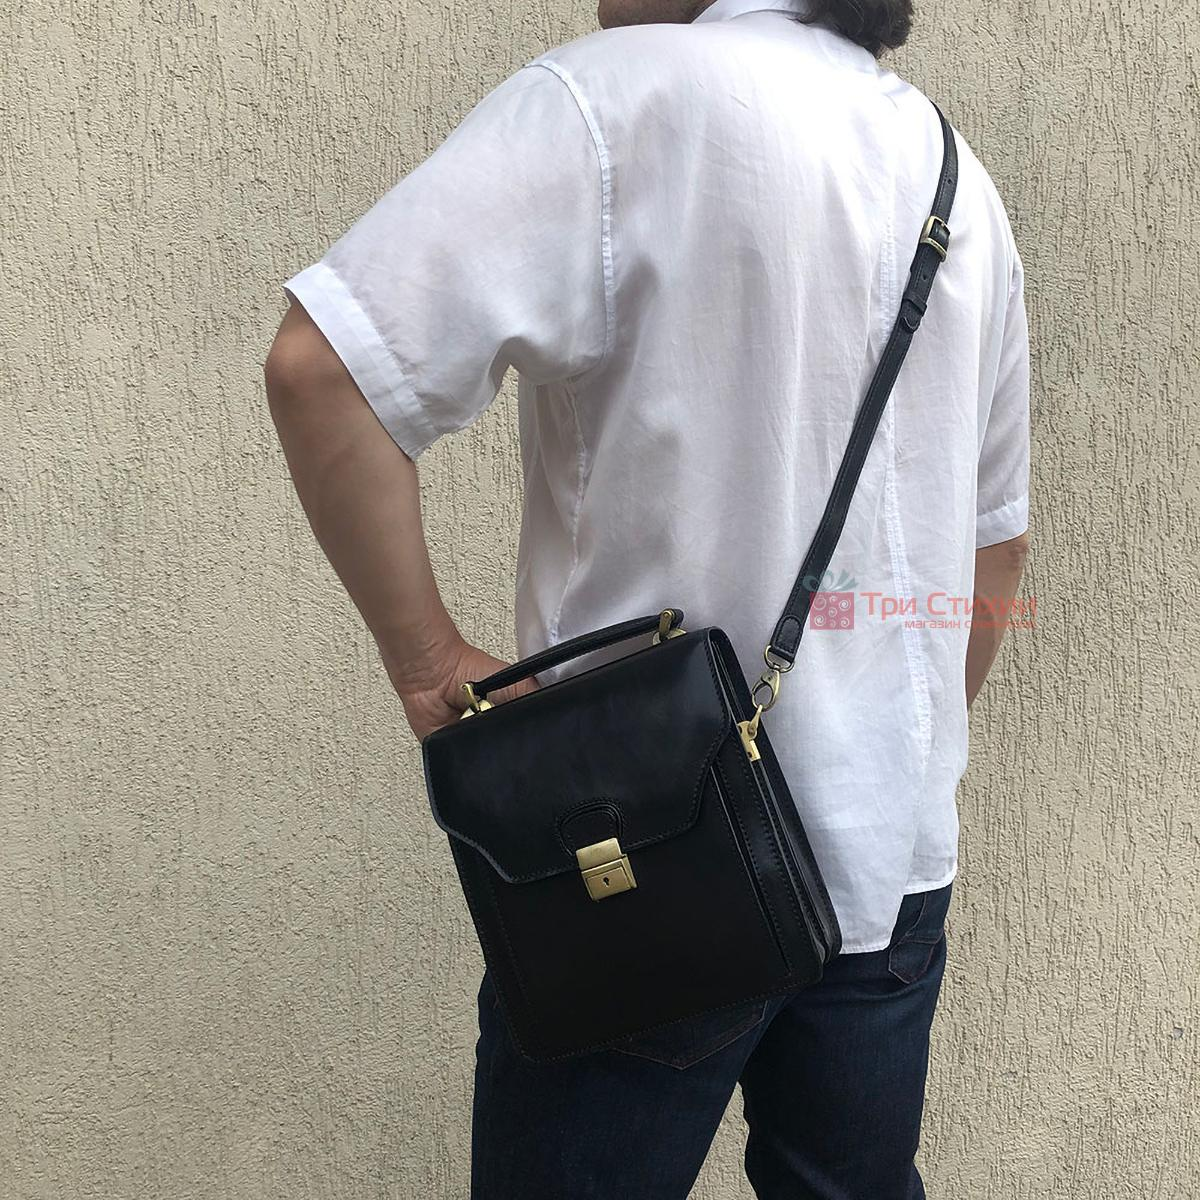 Сумка-планшет Tony Perotti Italico 8265-it Чорна, фото 5